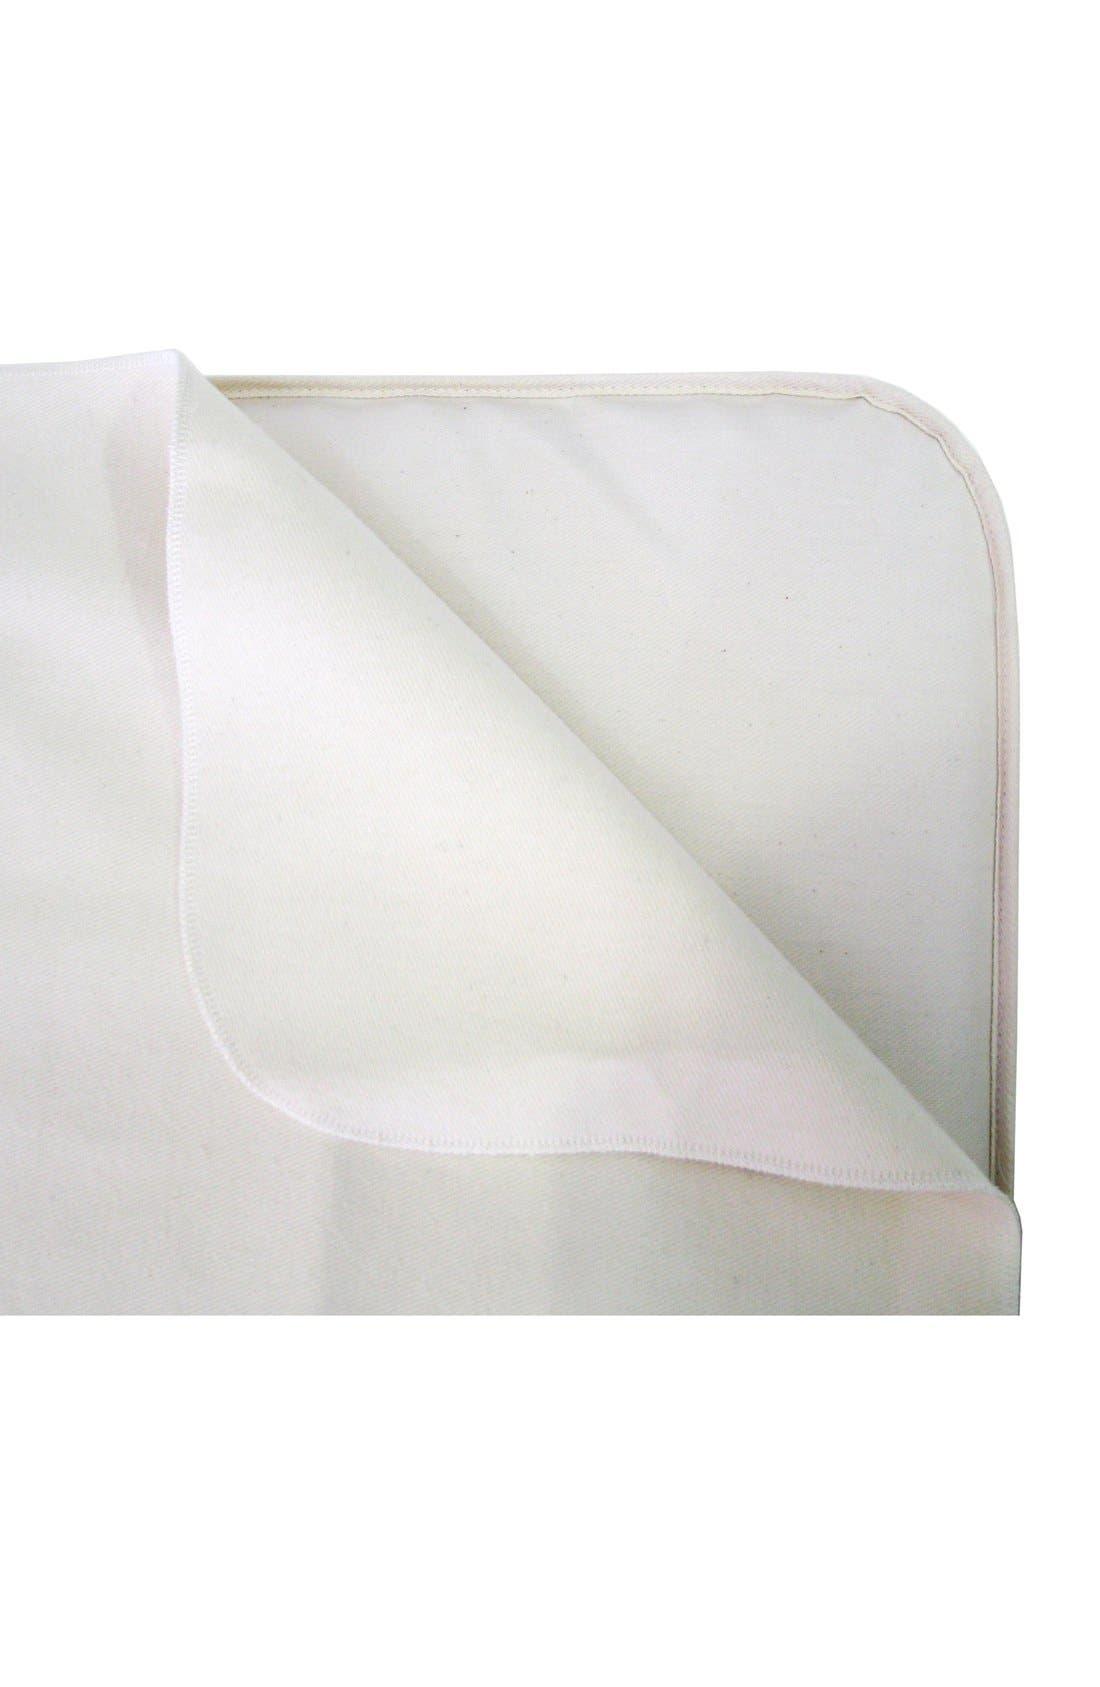 Organic Cotton Waterproof Flat Crib Protector Pad,                             Main thumbnail 1, color,                             Natural